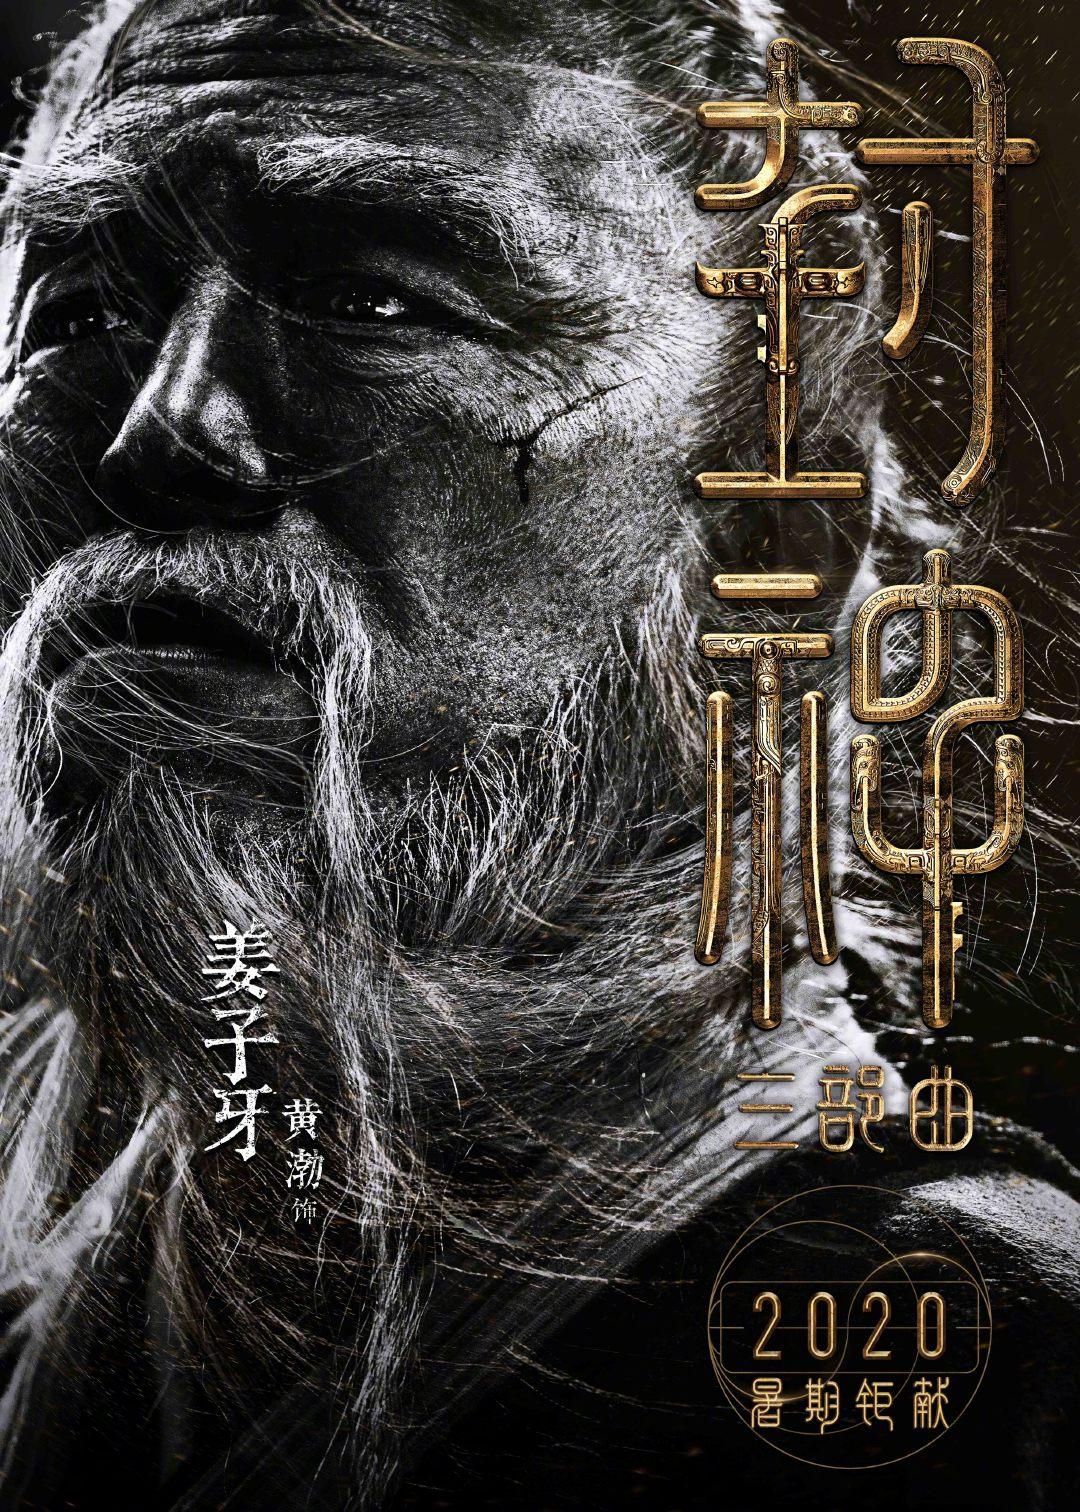 《封神三部曲》公布首批主演阵容黄渤费翔李雪健夏雨重塑经典神话